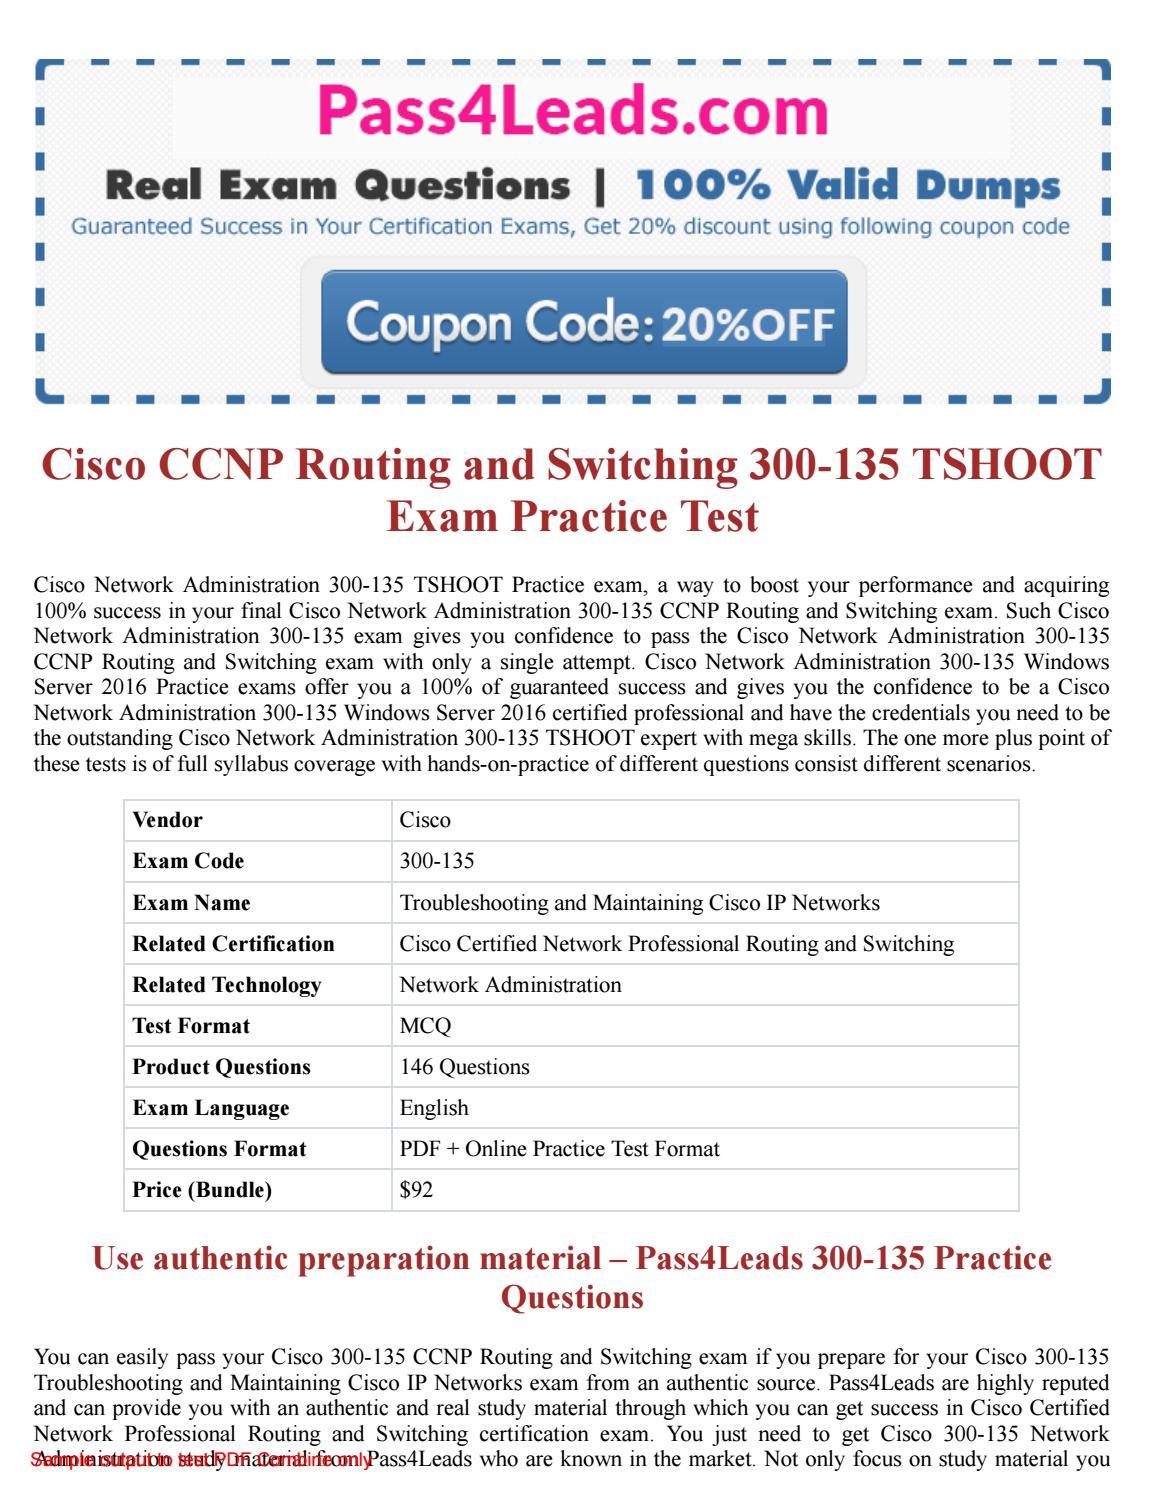 Practical pdf switching ccnp studies